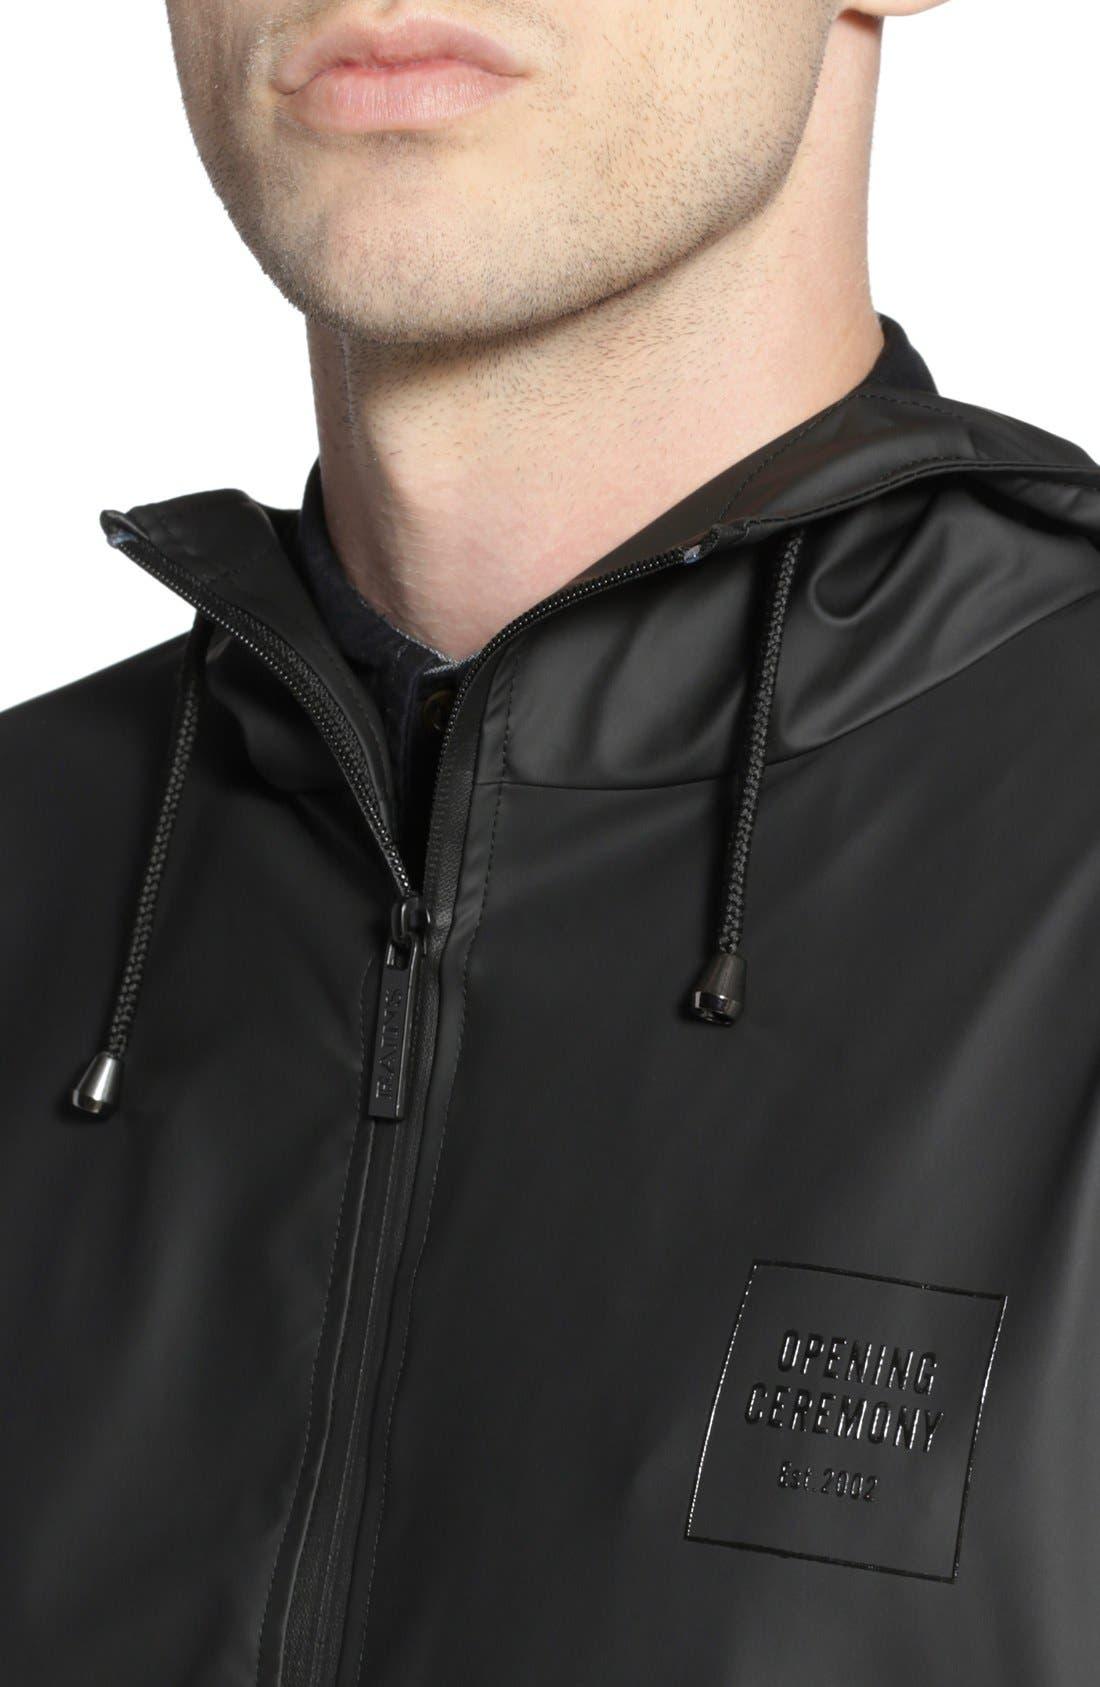 'OC Exclusive' Waterproof Breaker Jacket,                             Alternate thumbnail 5, color,                             001